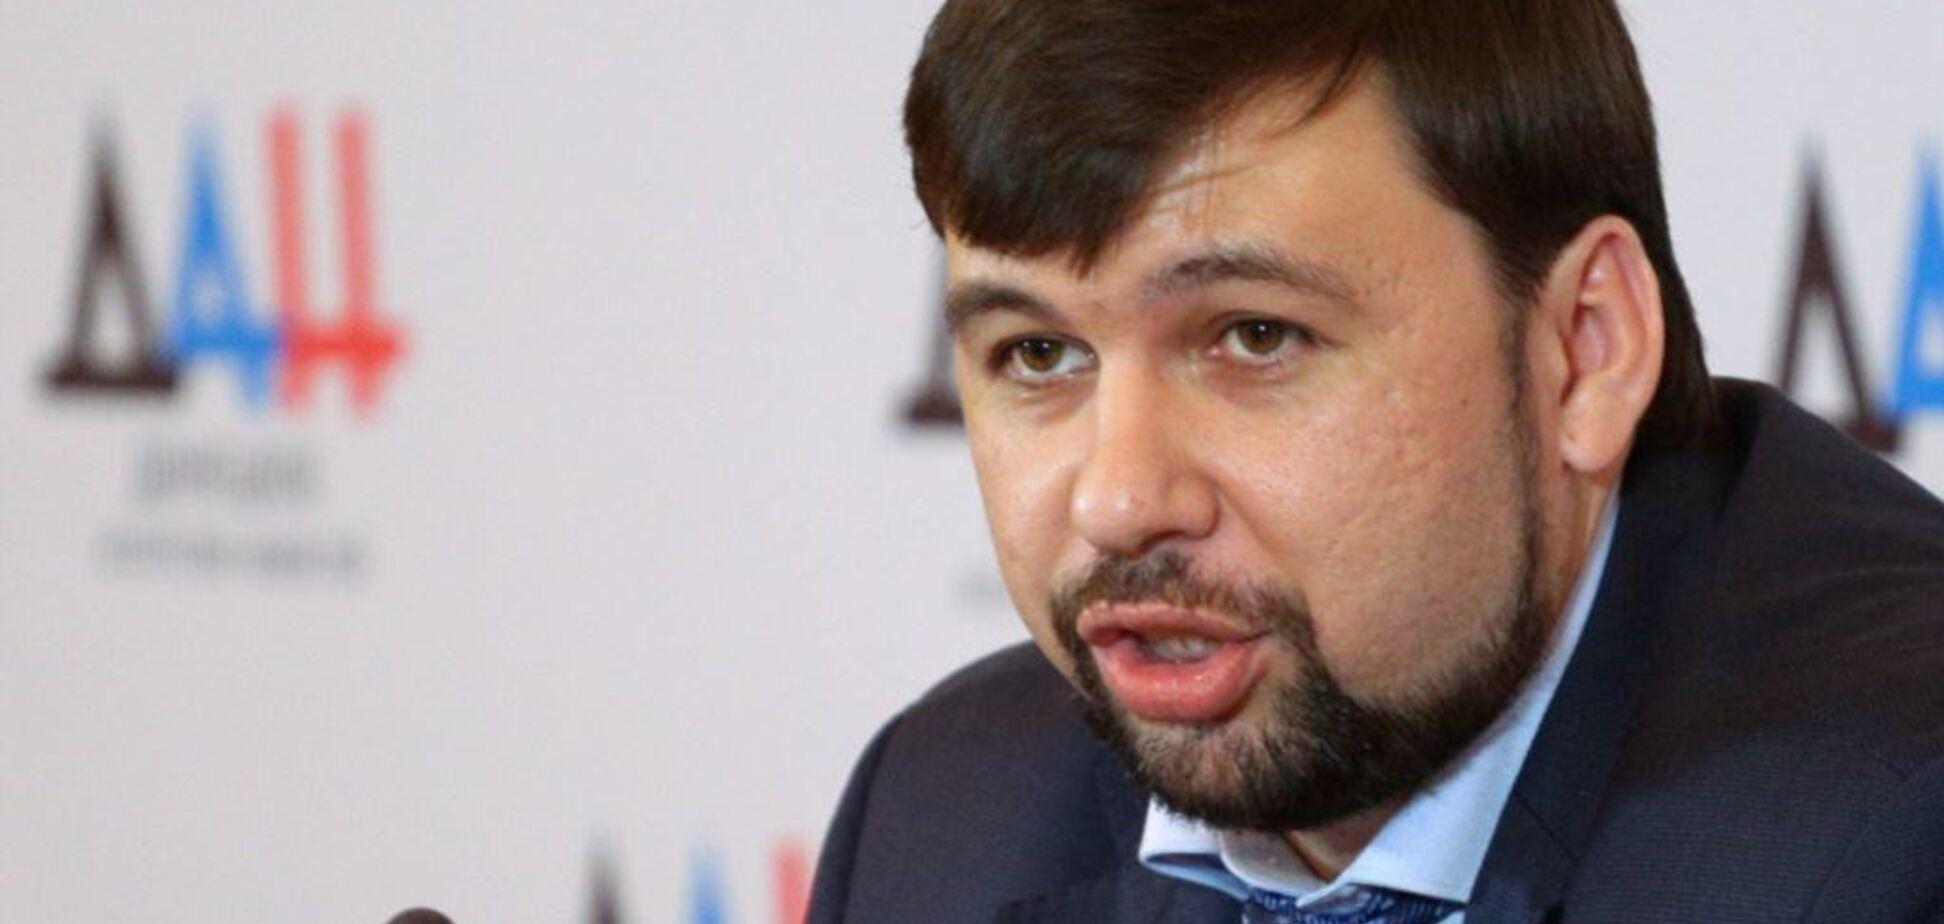 Главарь 'ДНР' захотел 'прямого диалога' с Киевом: Геращенко ответила